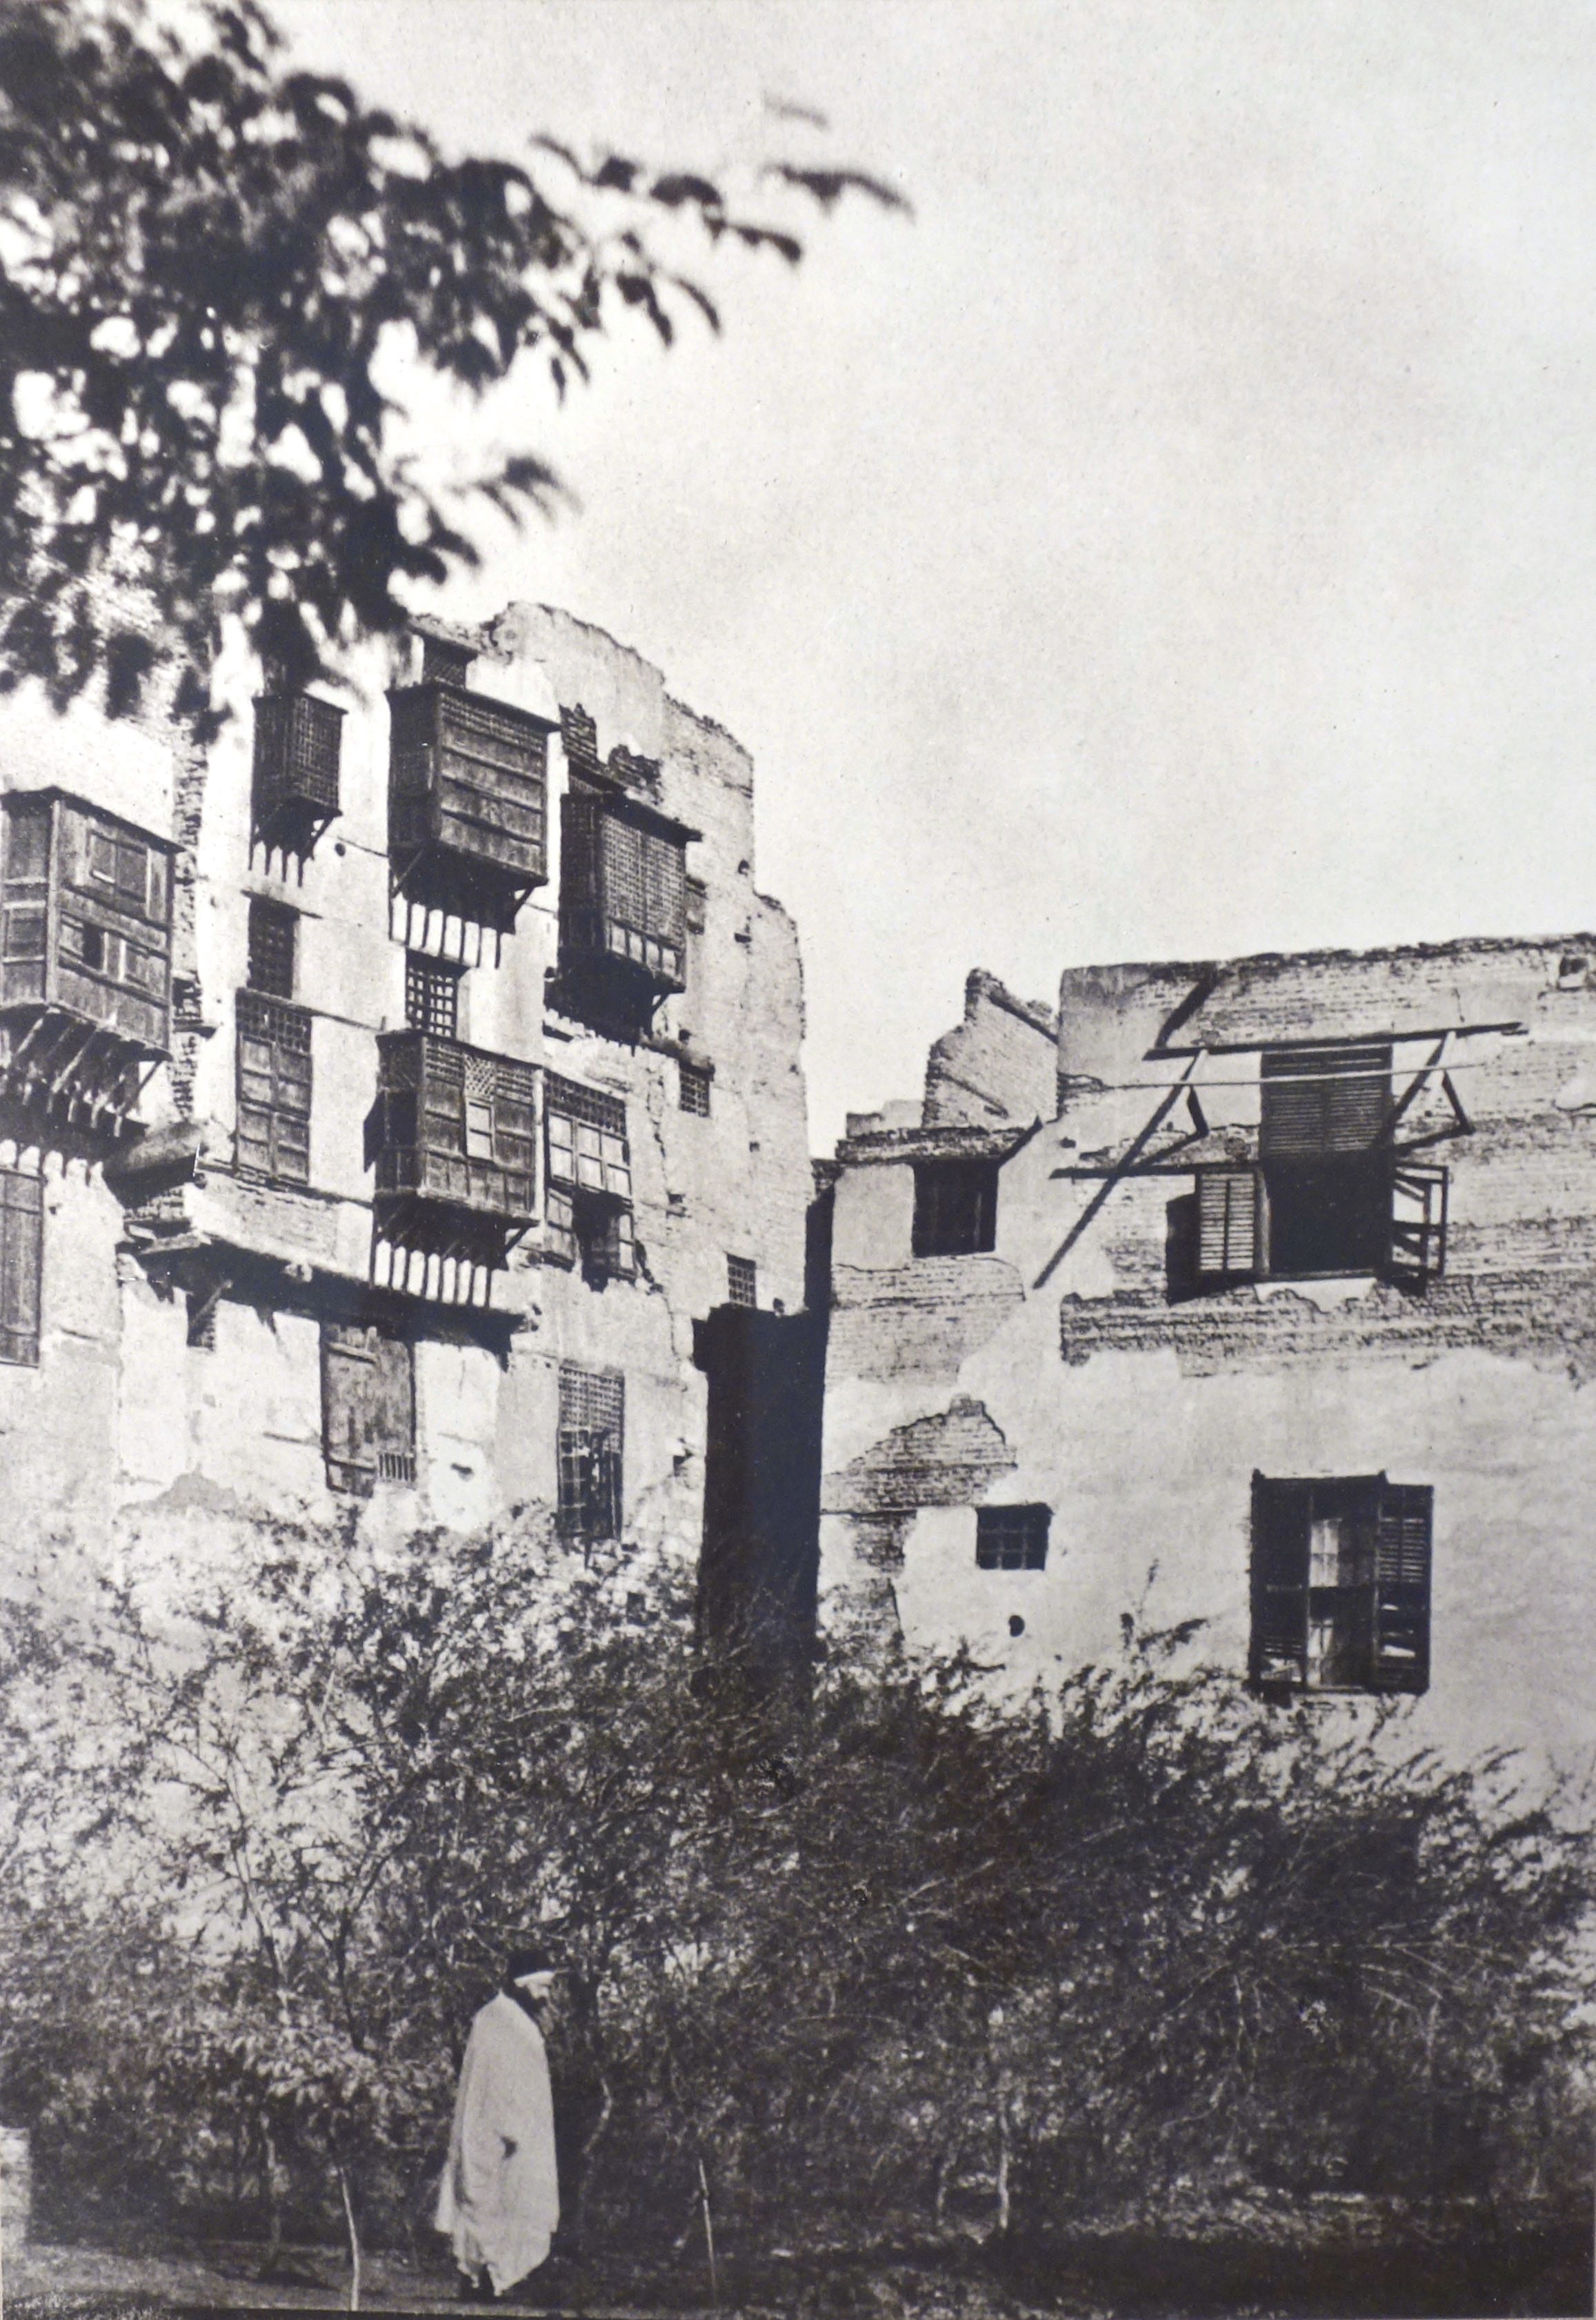 Fotó: Maxime Du Camp: Gustave Flaubert egy kertben Kairó francia negyedében, 1850. január 9., 20,3 x 15 cm, új nagyítás papírnegatívról